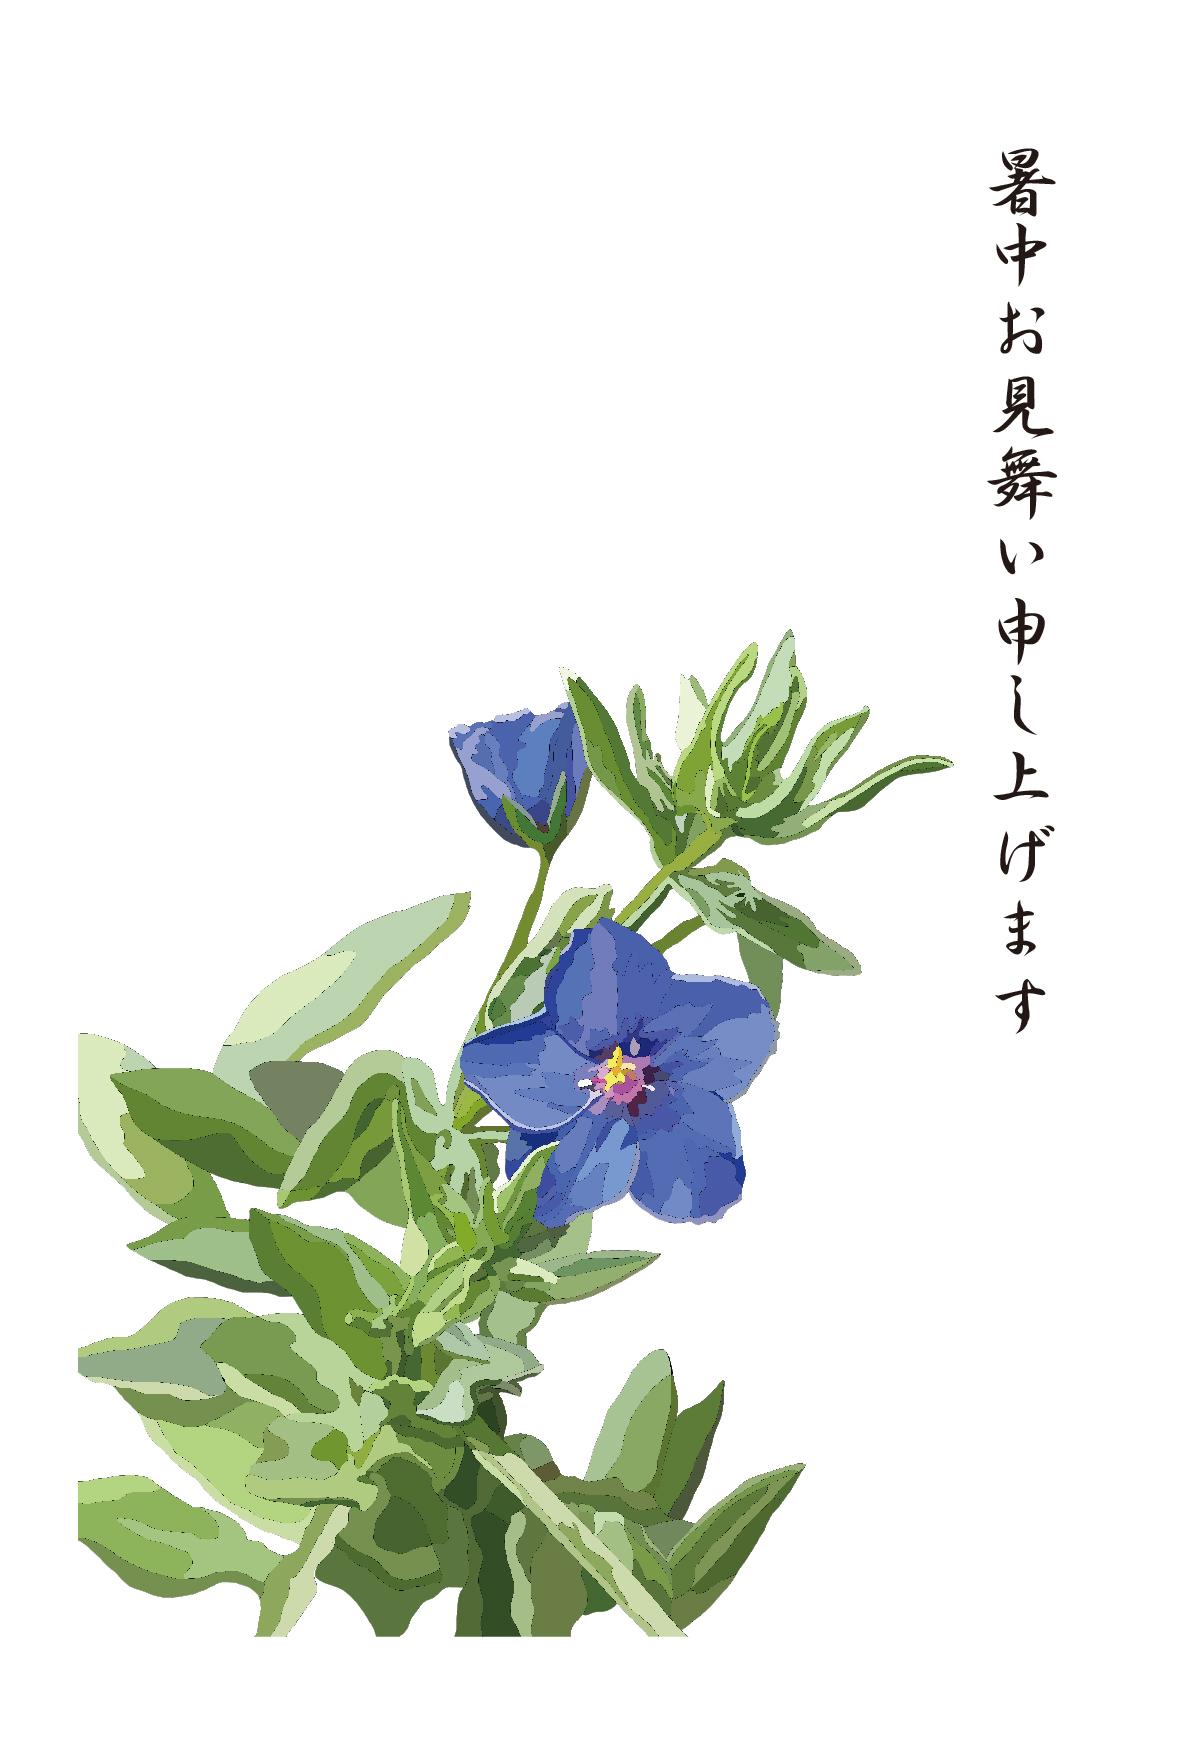 紫のお花のシンプルな暑中見舞いイラスト ルリハコベ